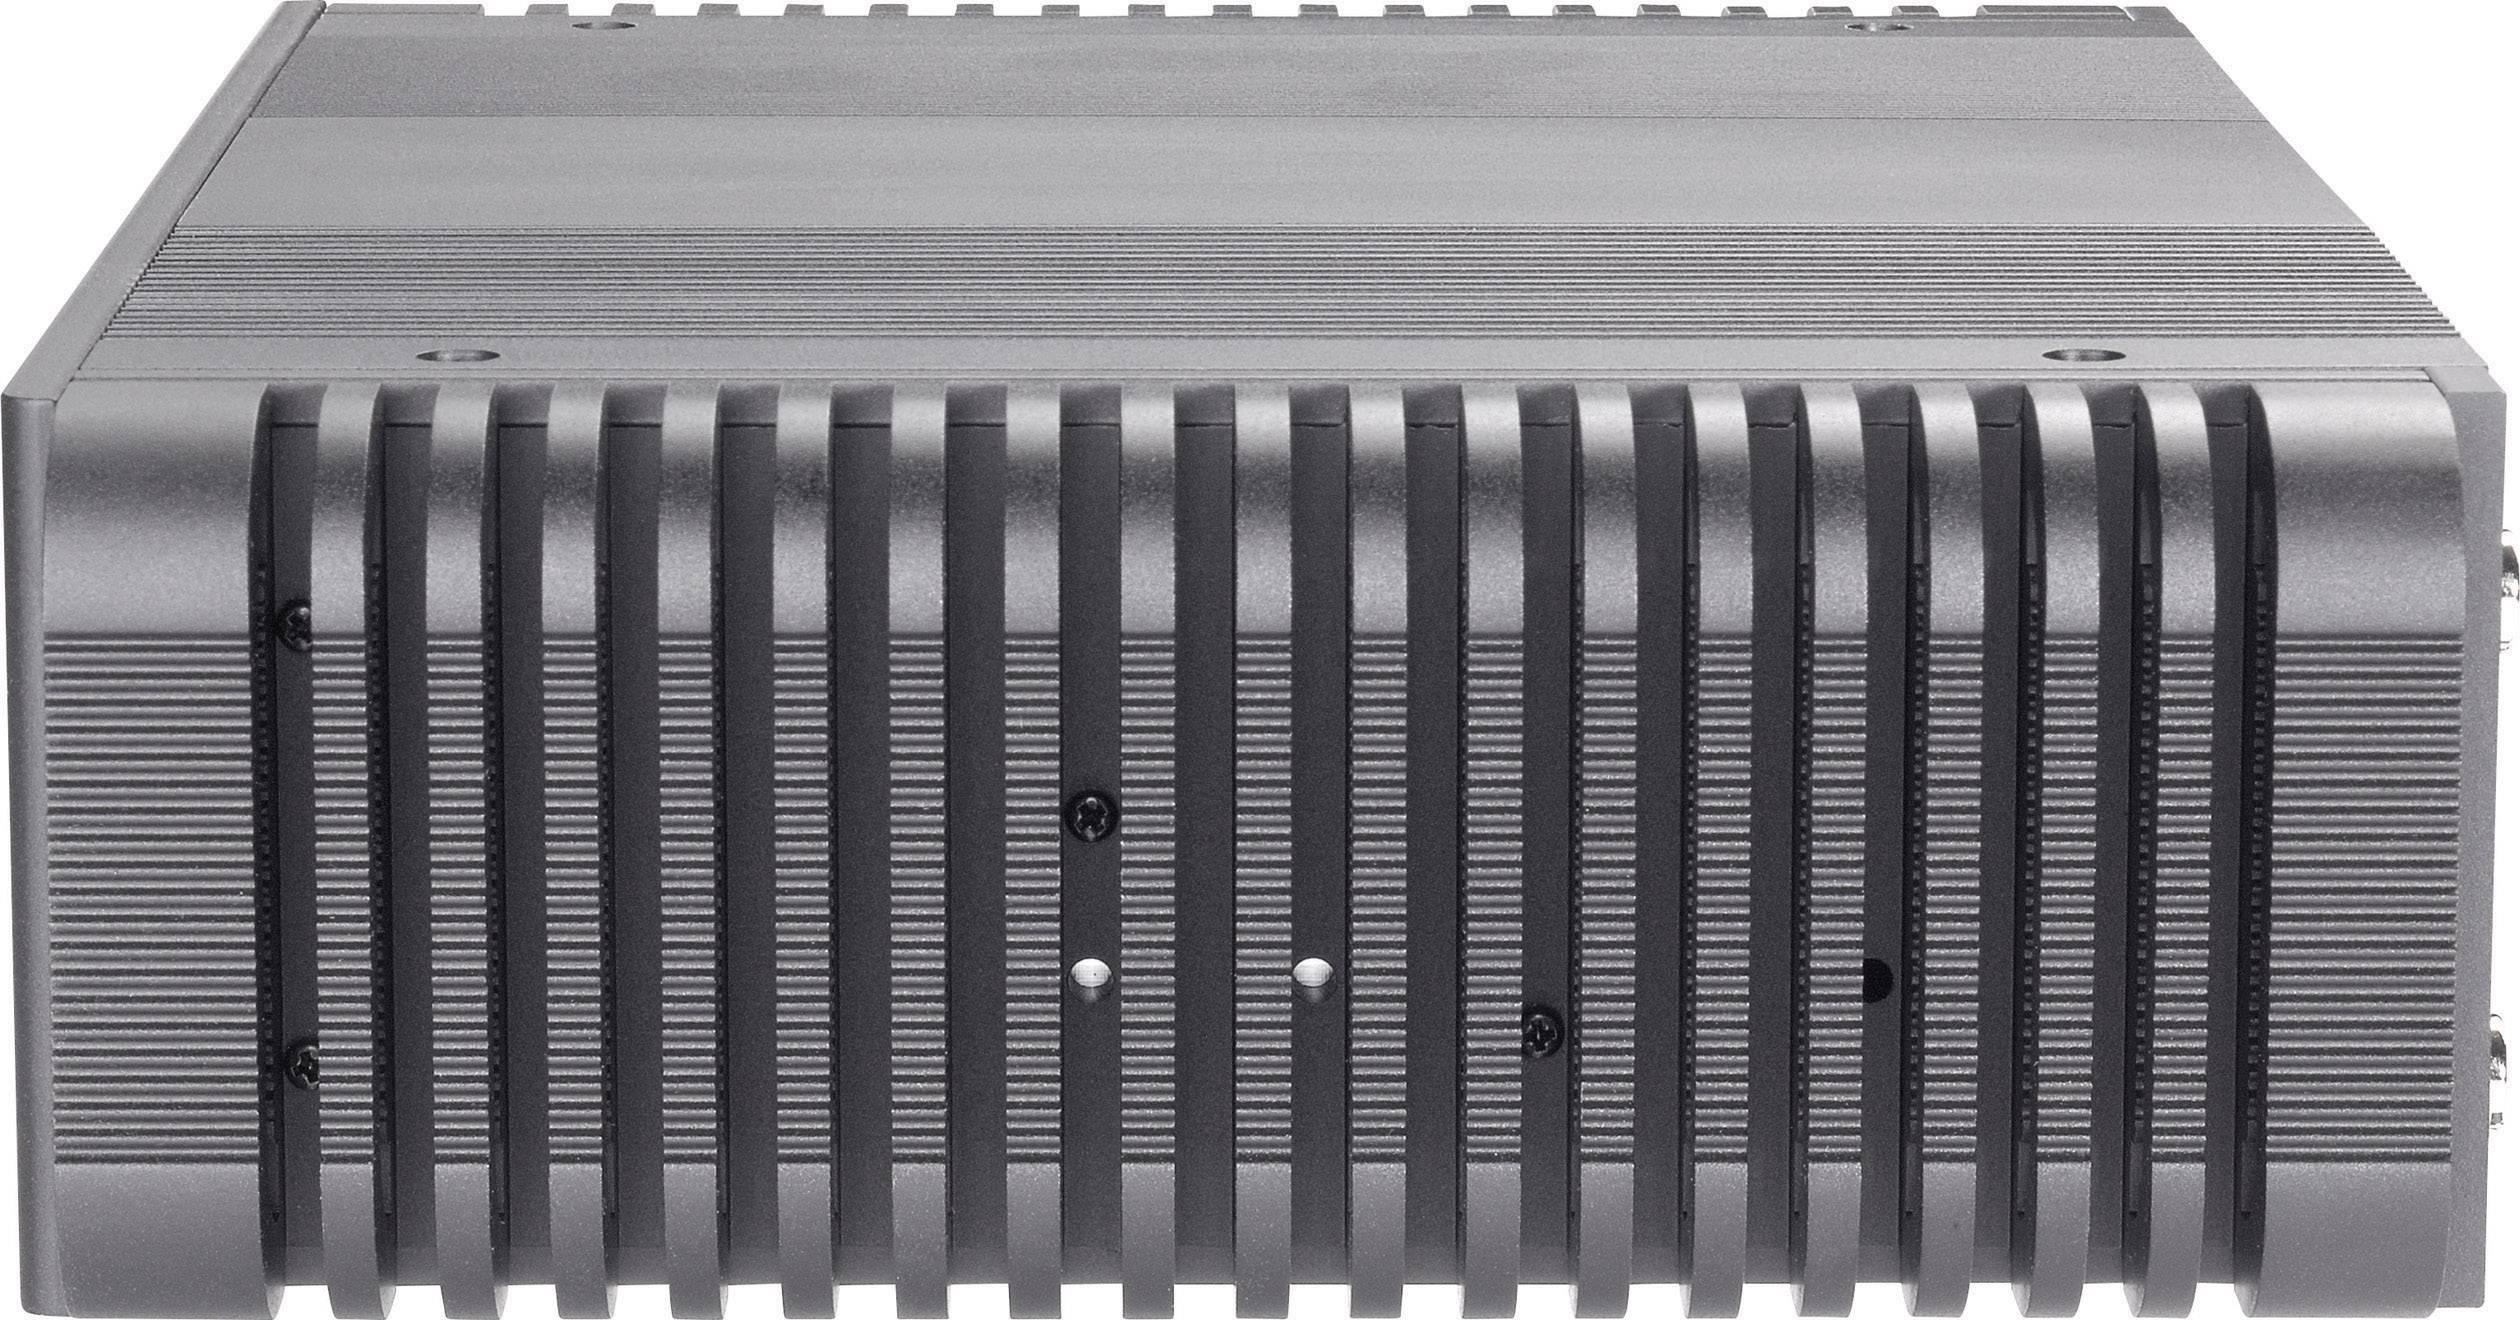 Priemyselné PC Joy-it IPC-3610-8-240 Intel® Core ™ i5, dodávané bez systému